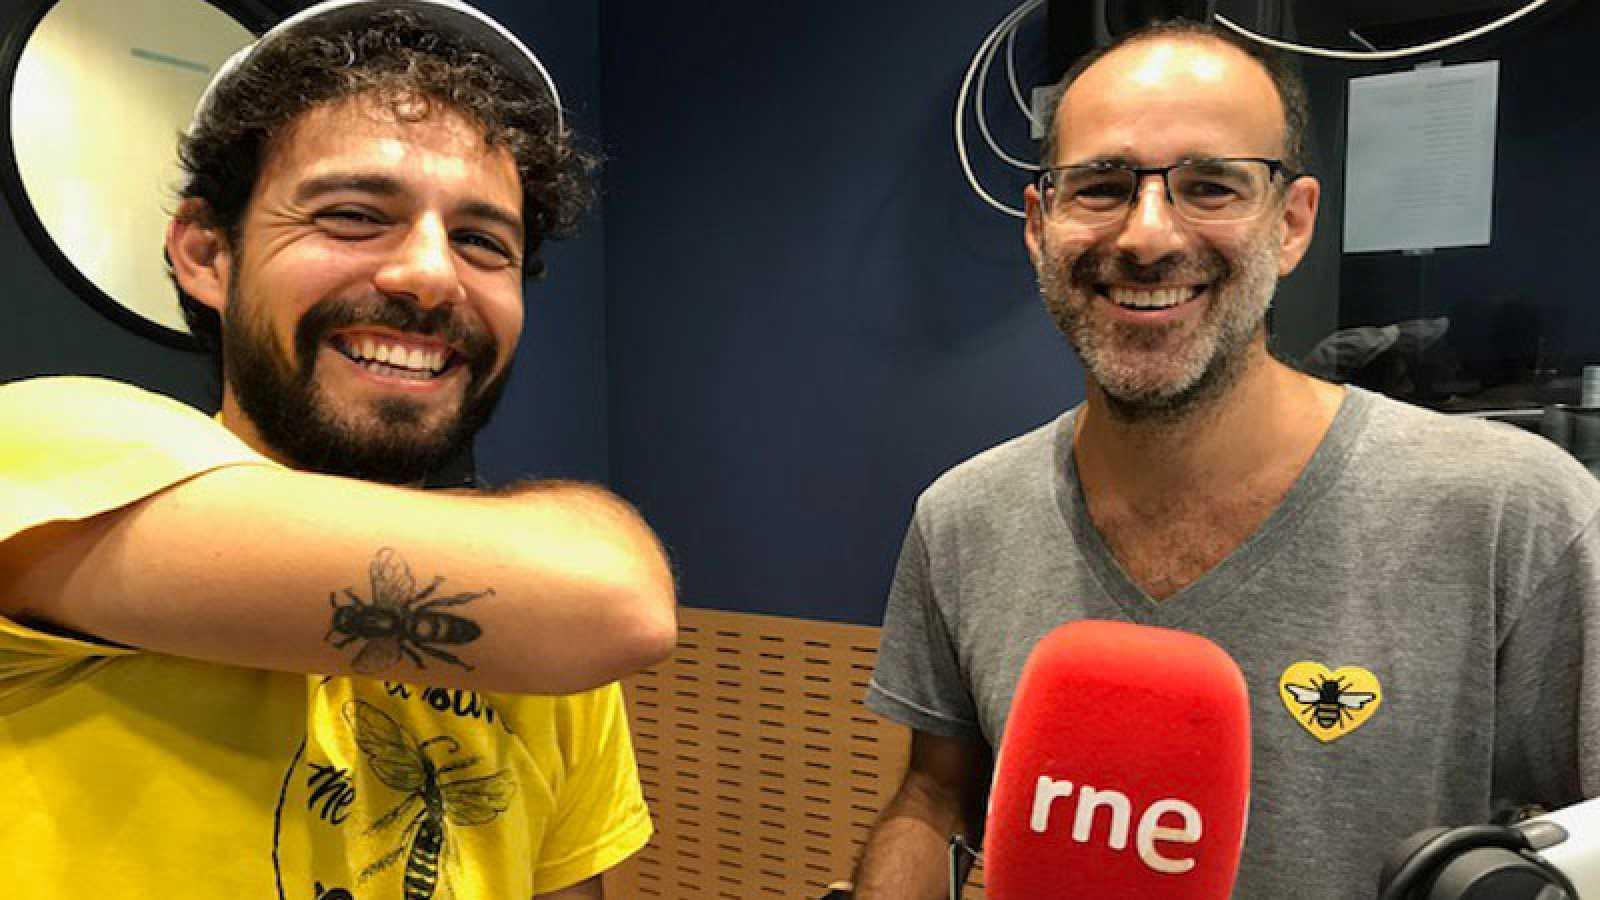 Vida verda - Transgènics + El Comú Català + BCN Honey Fest